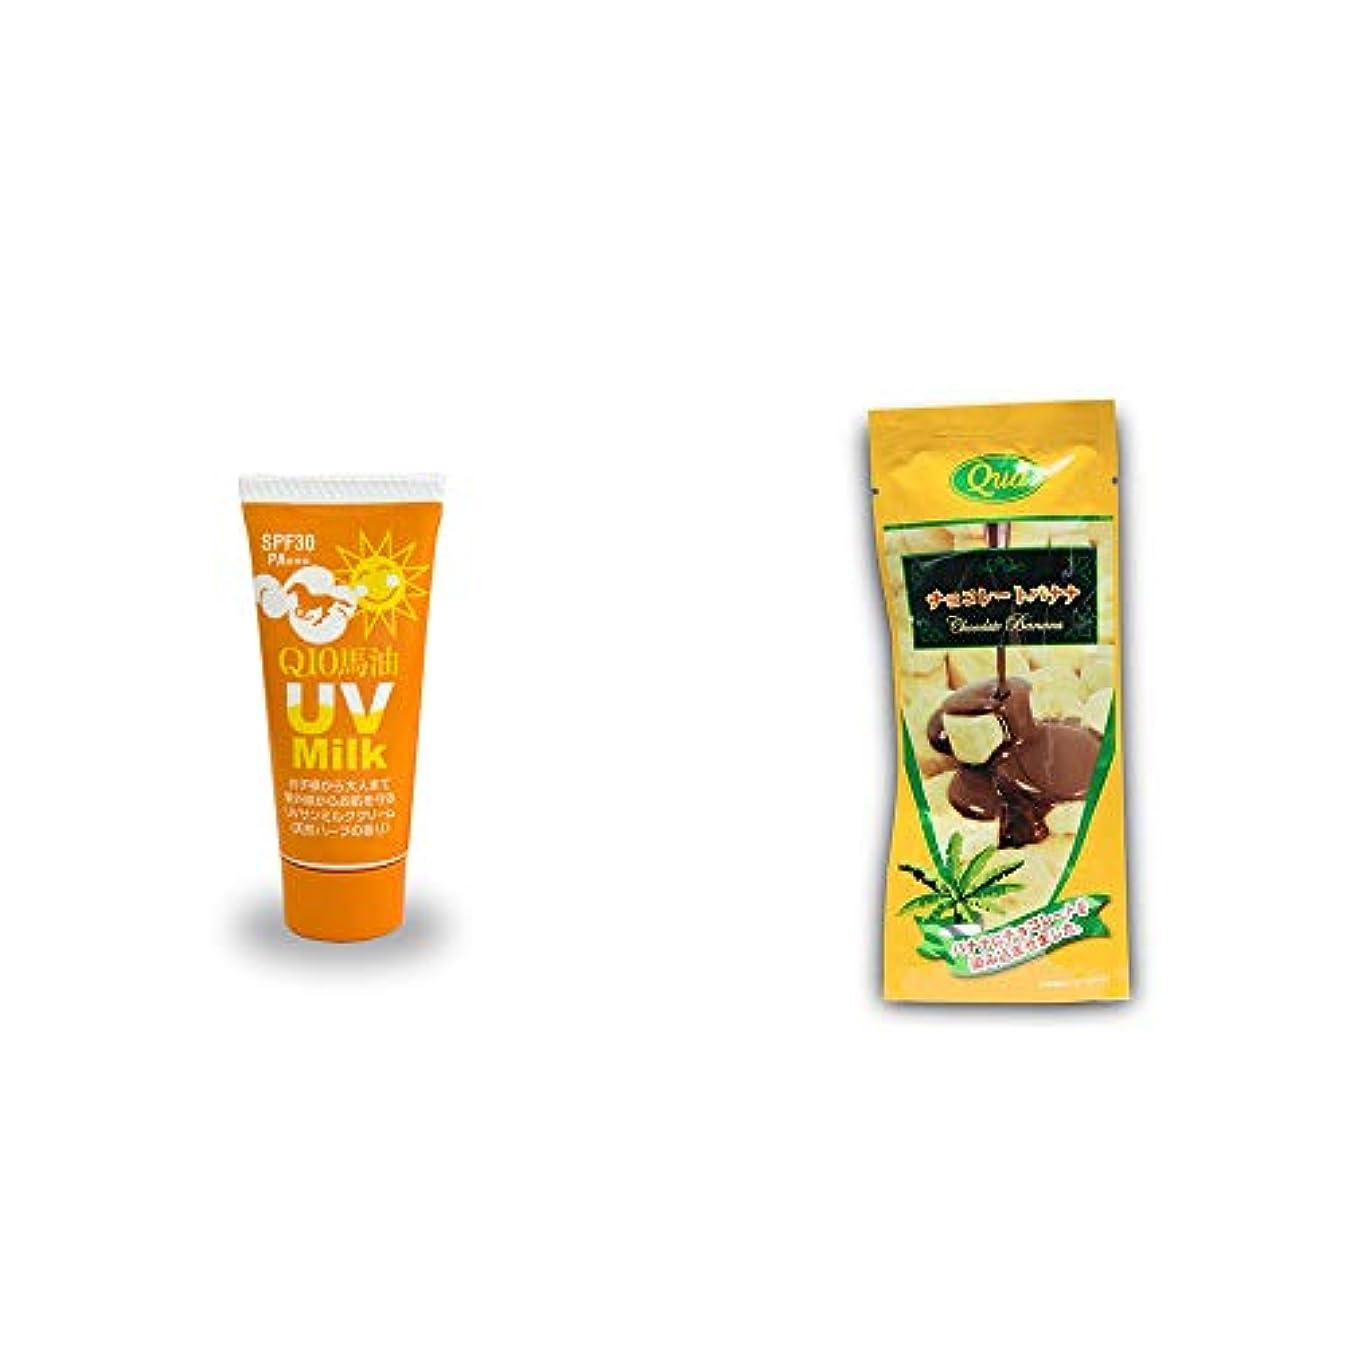 移動授業料クランプ[2点セット] 炭黒泉 Q10馬油 UVサンミルク[天然ハーブ](40g)?フリーズドライ チョコレートバナナ(50g)